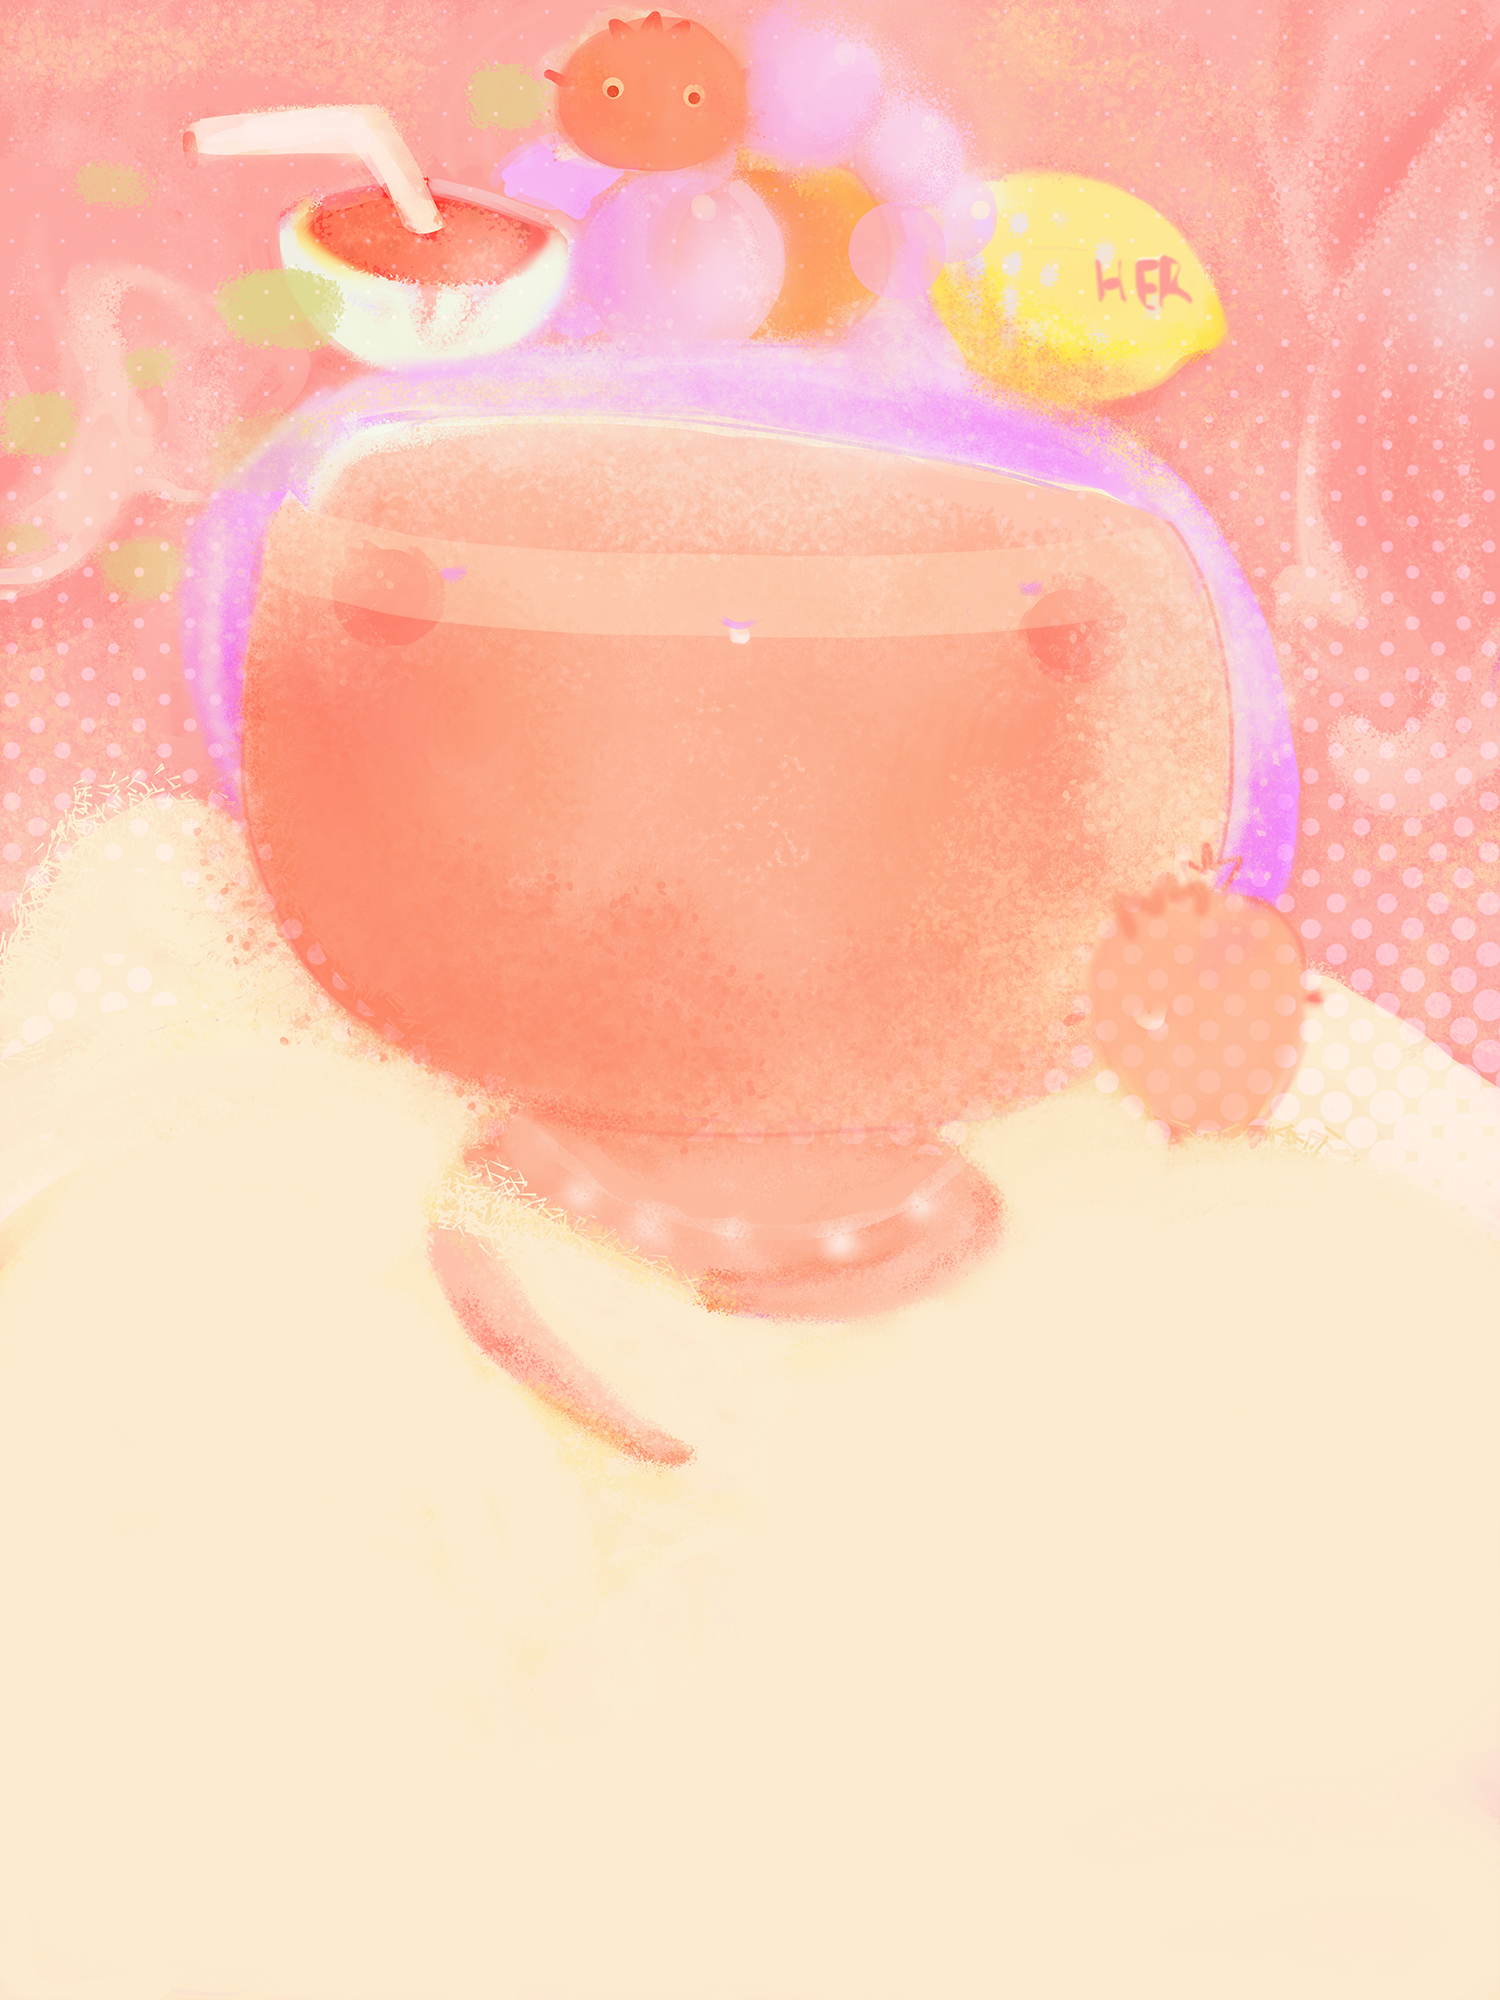 大鱼海棠图片手绘